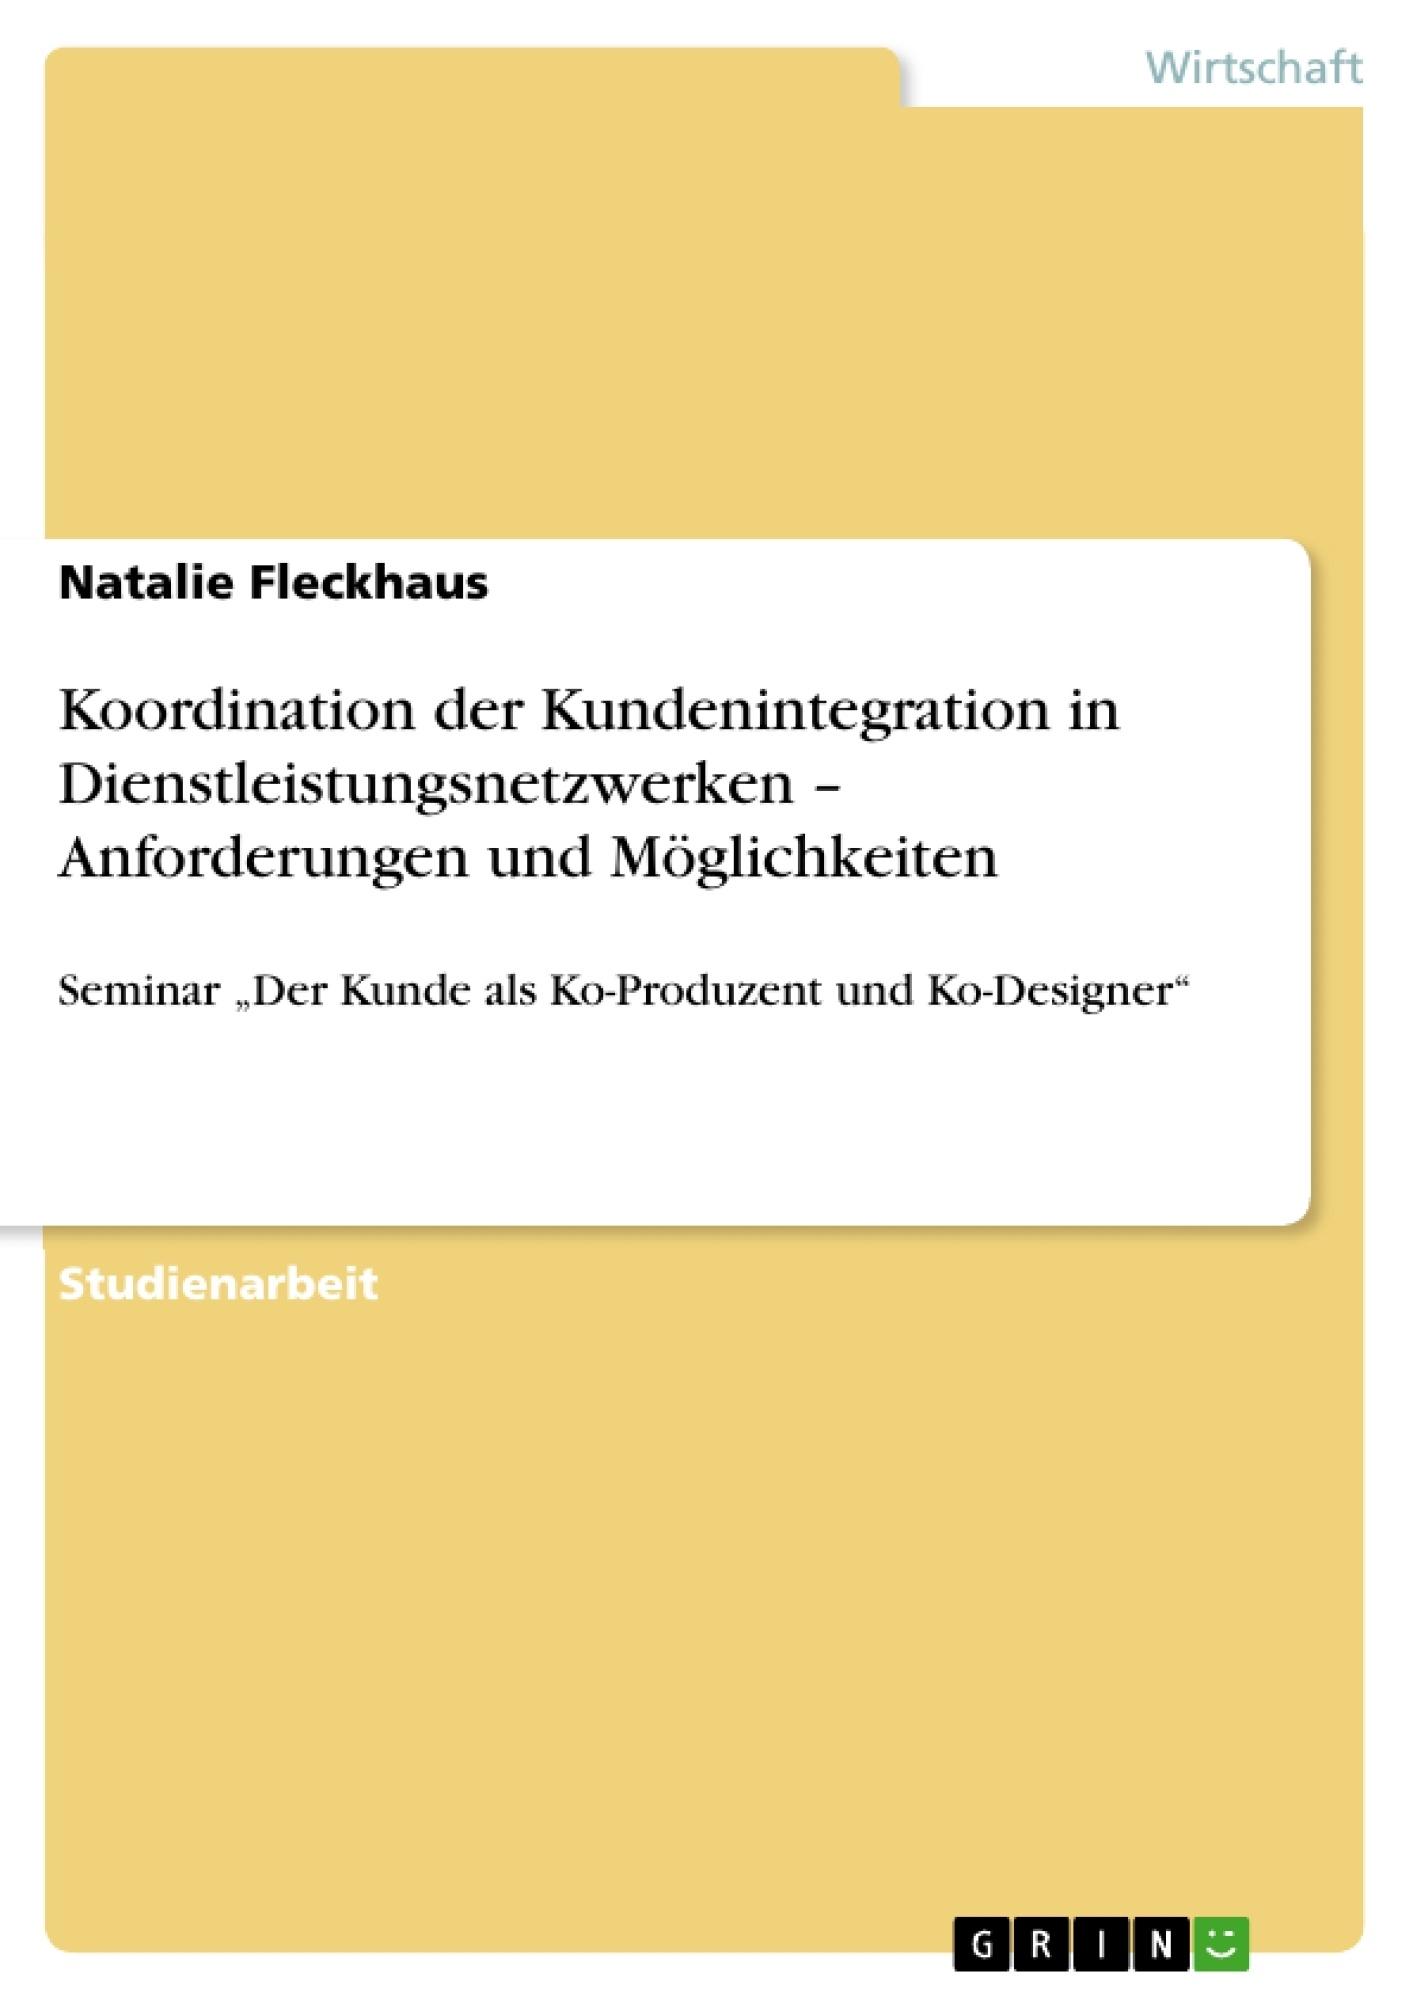 Titel: Koordination der Kundenintegration in Dienstleistungsnetzwerken – Anforderungen und Möglichkeiten